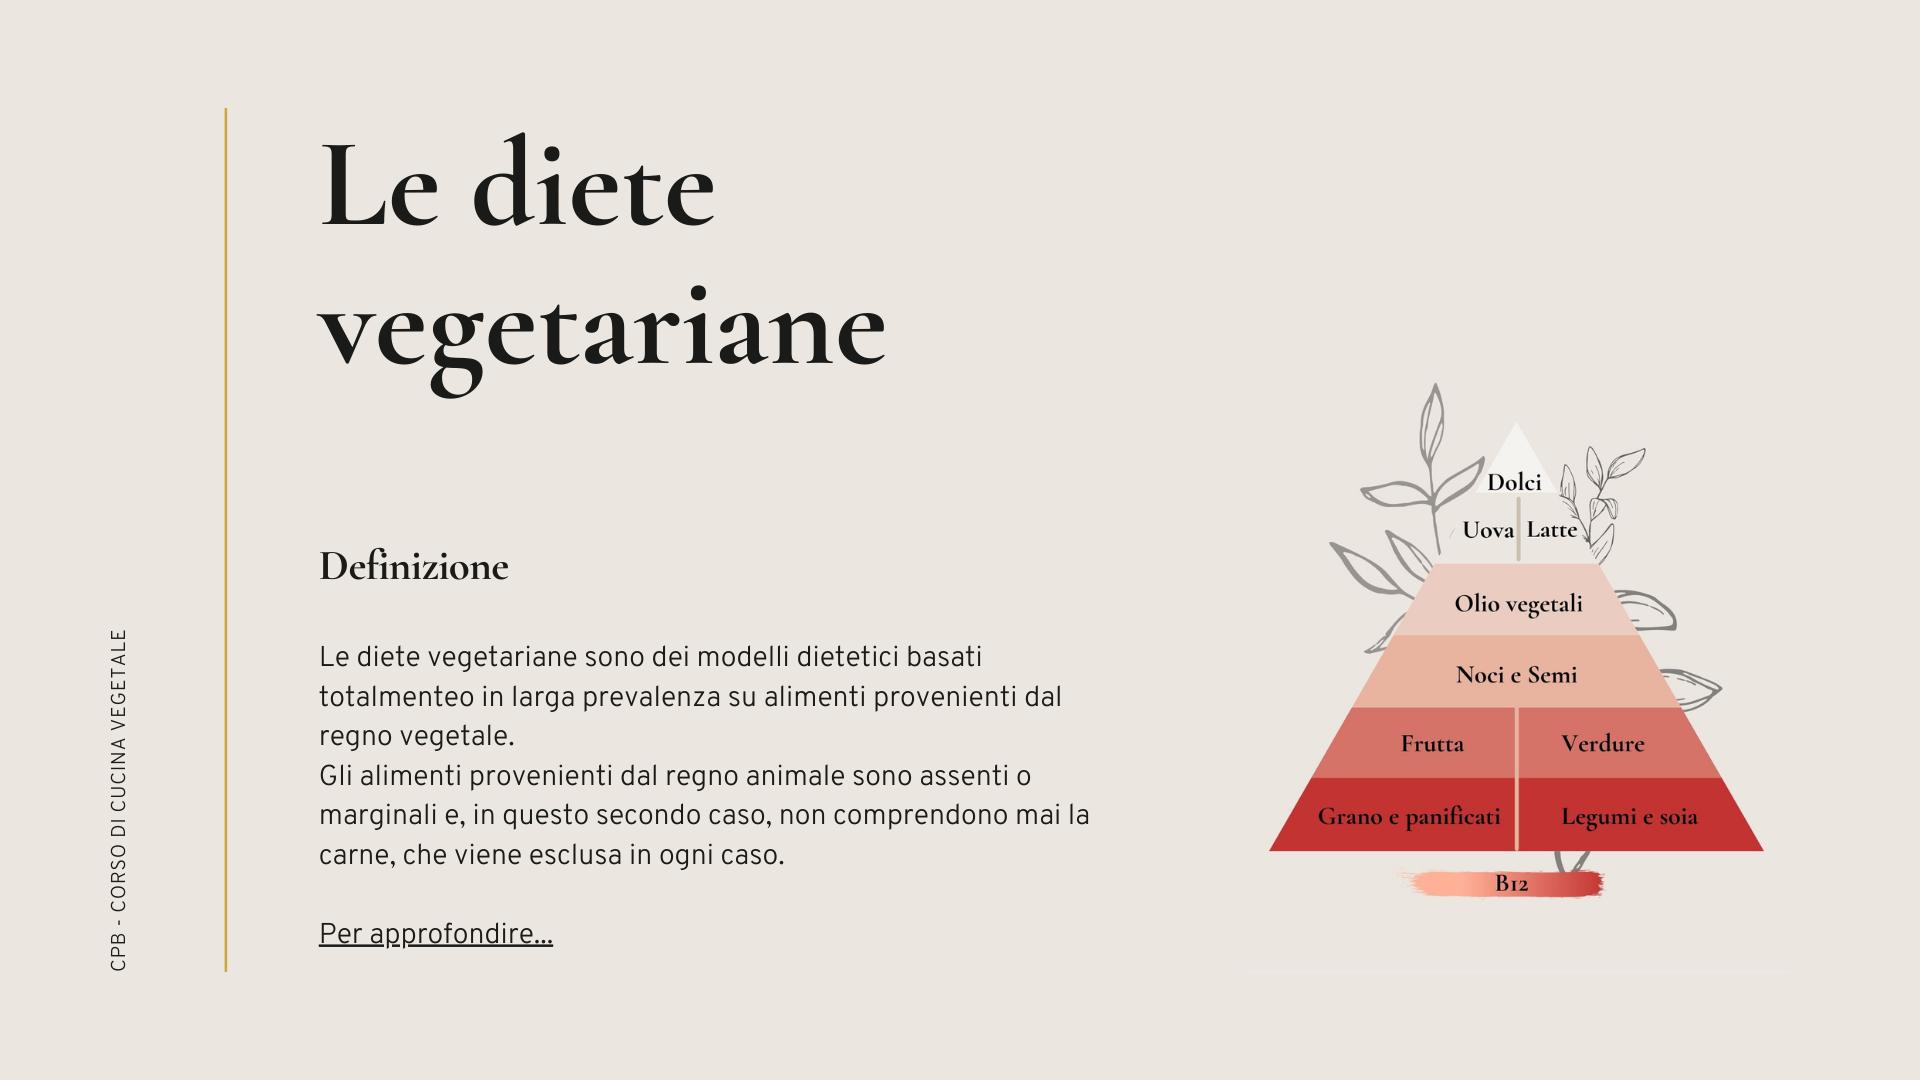 le diete vegetariane definizione